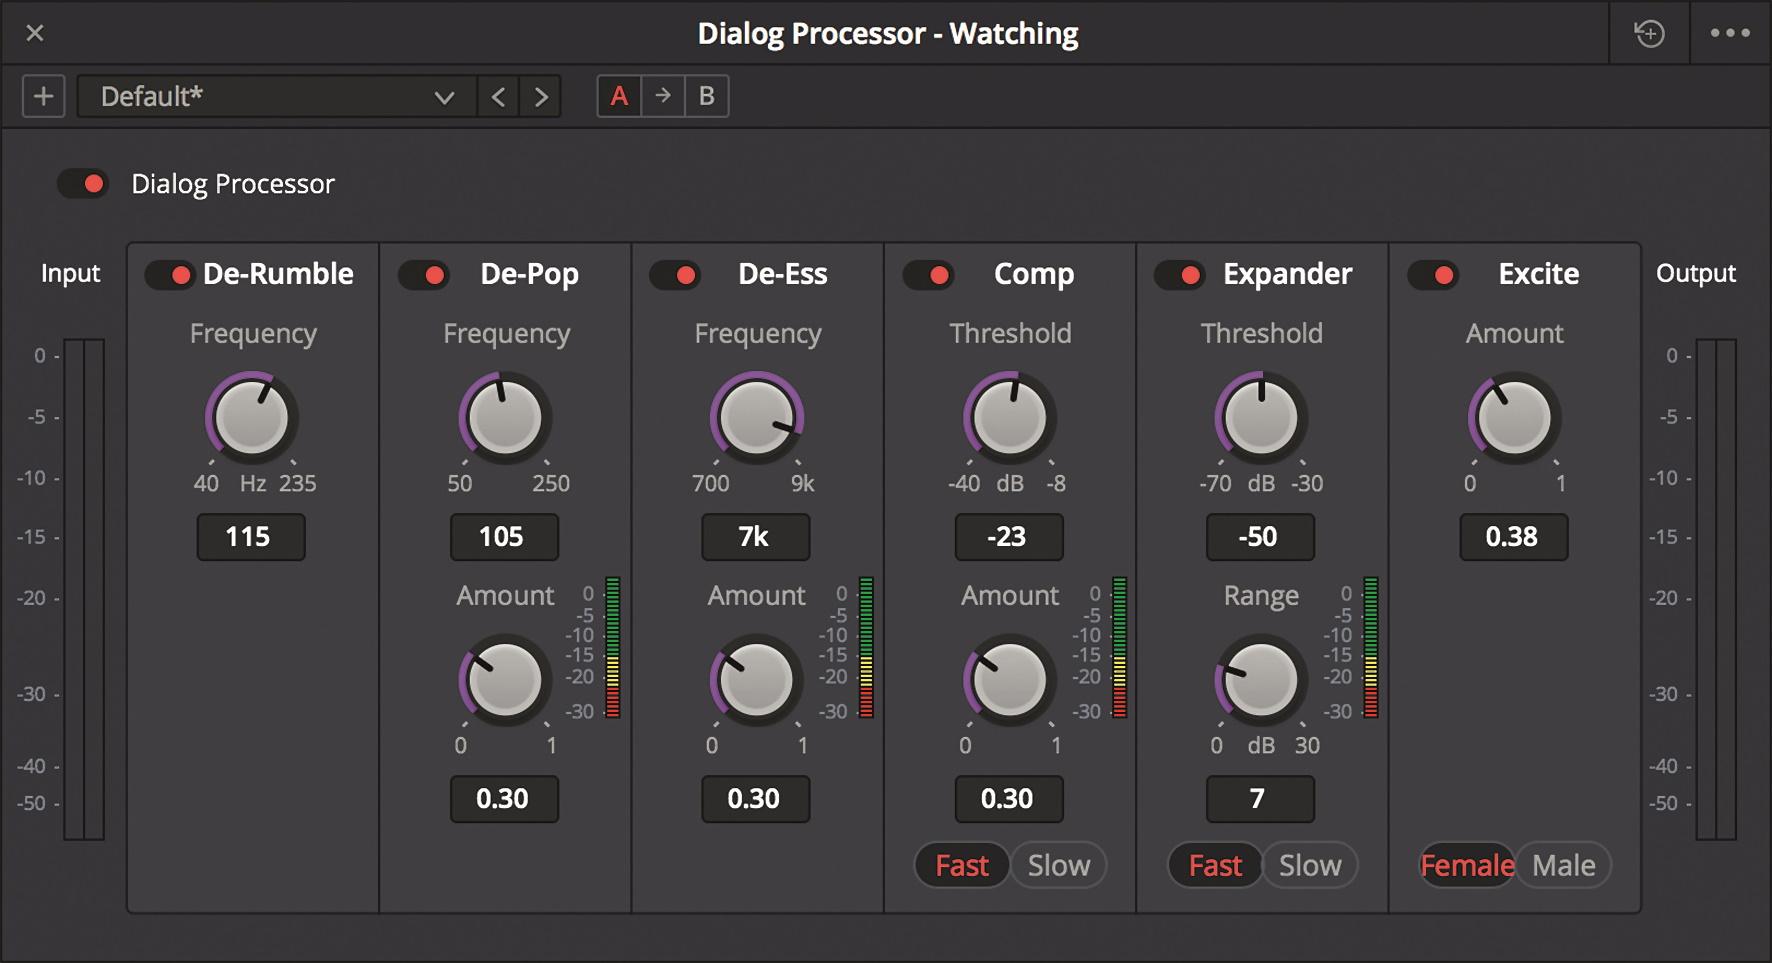 Die Werkzeuge zur Bearbeitung von Sprachaufnahmen finden sich nun im Dialog Processor.